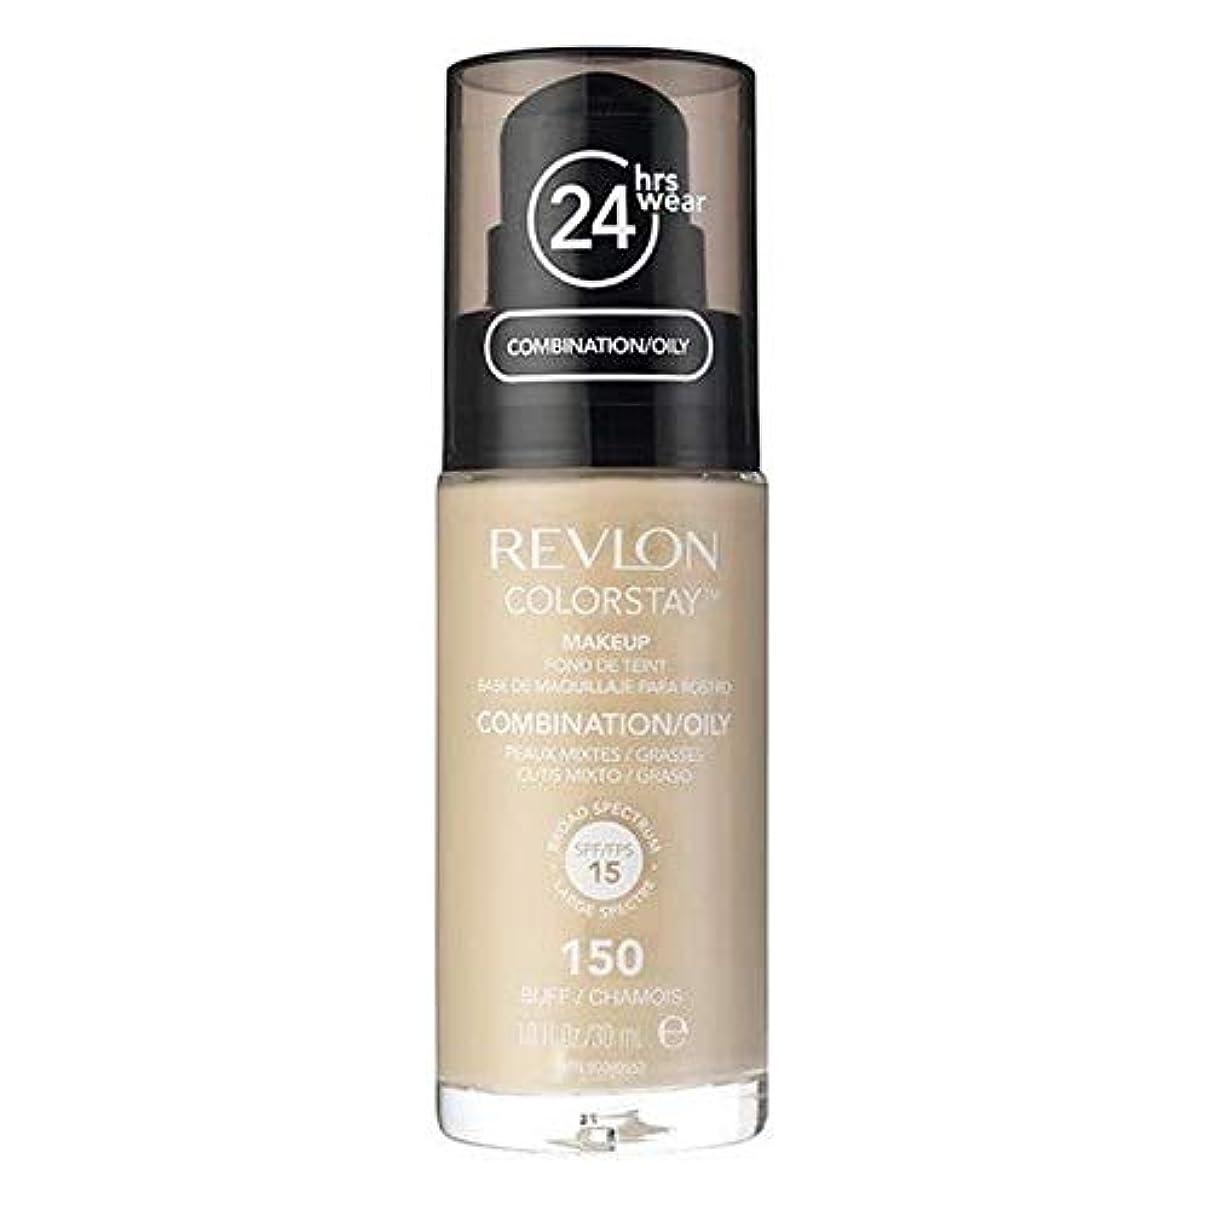 め言葉木材変形[Revlon ] レブロンカラーステイ基盤コンビ/油性バフ30ミリリットル - Revlon Color Stay Foundation Combi/Oily Buff 30ml [並行輸入品]